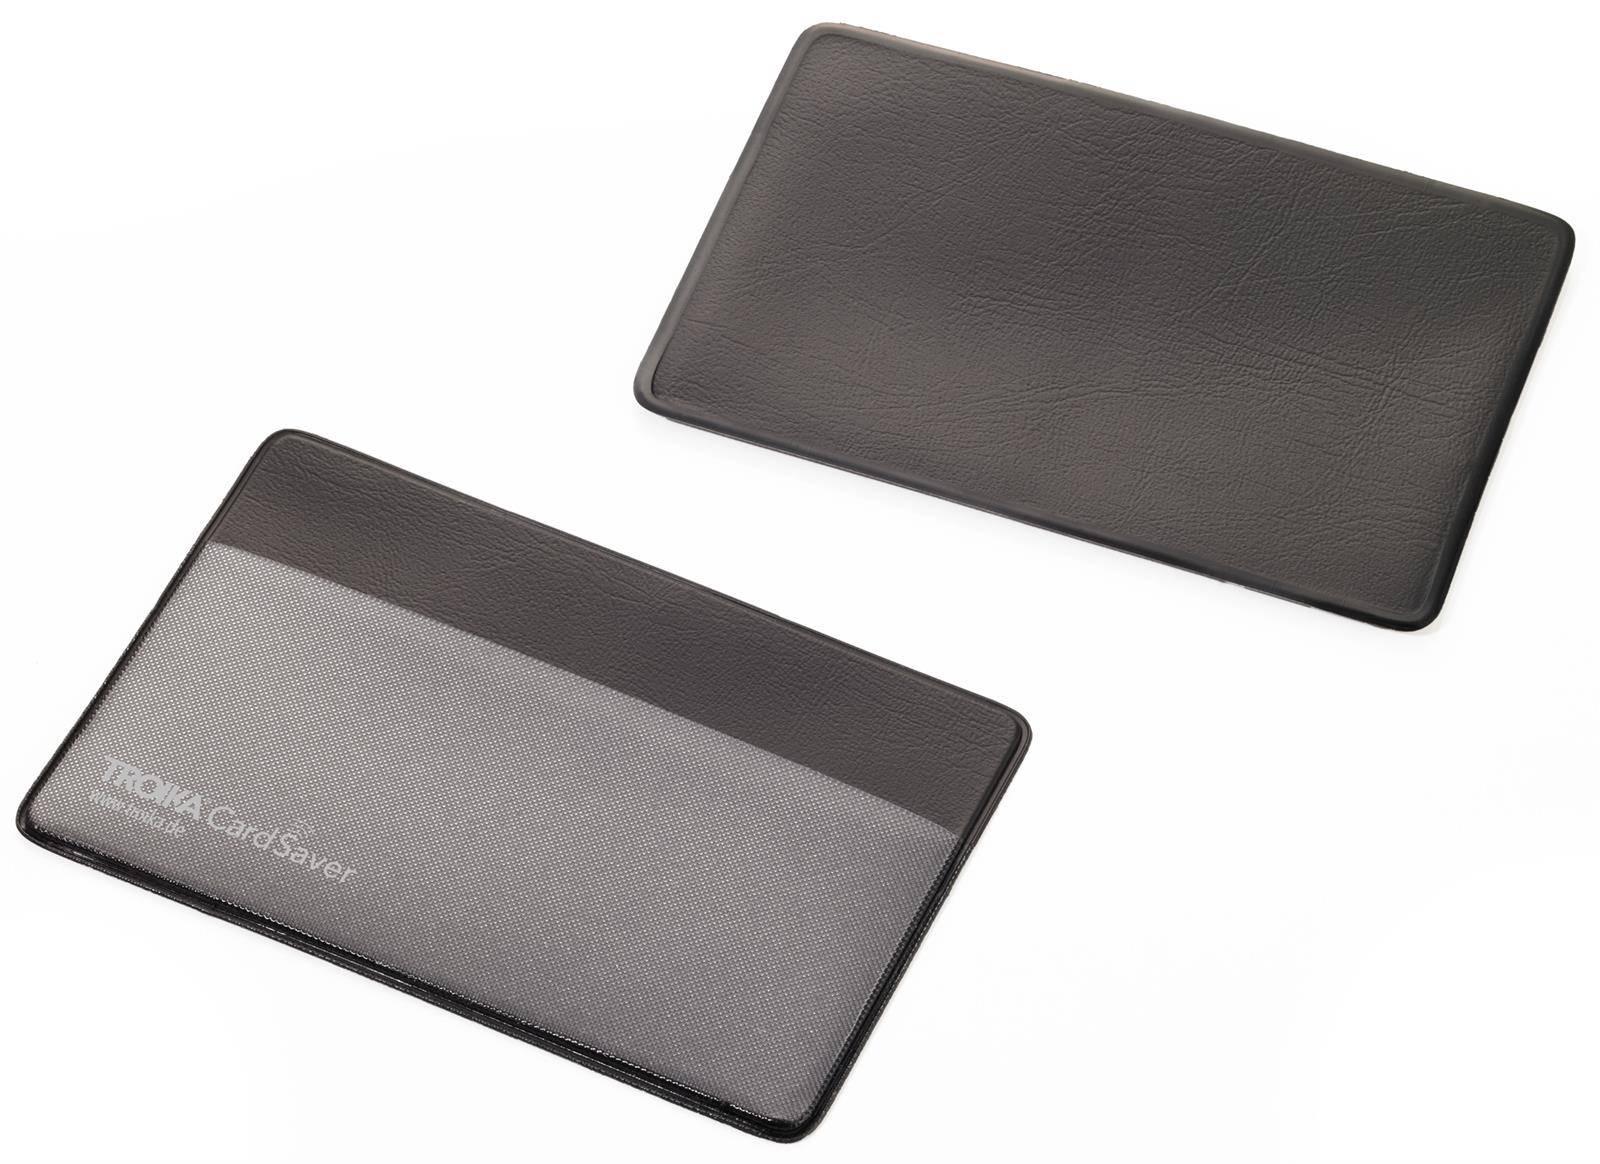 8cebe03bf9553 Etui na karty zbliżeniowe z zabezpieczeniem RFID oraz NFC TROIKA ...